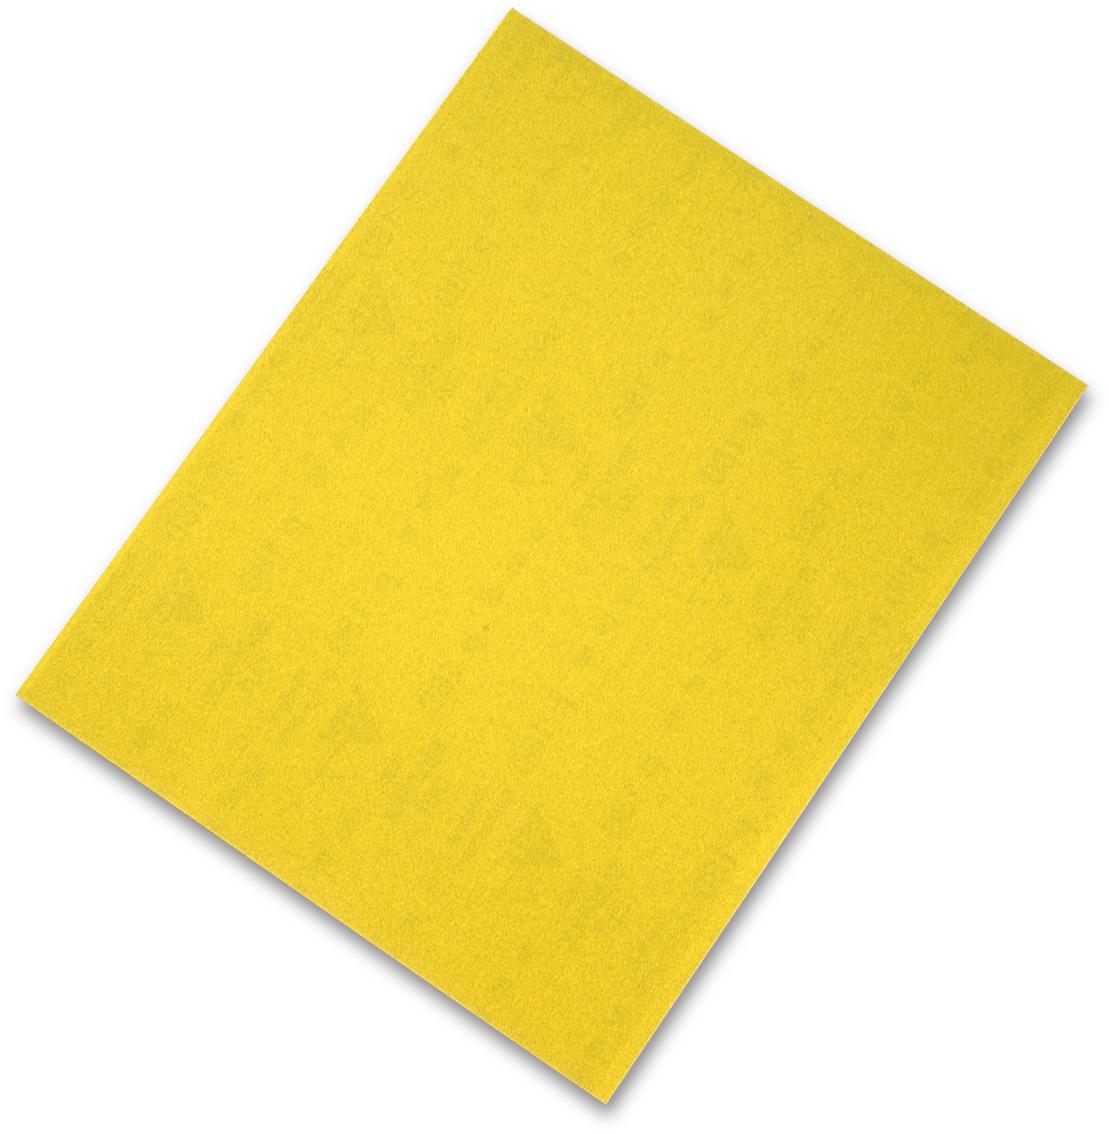 100x SIA Schleifpapier Schleifbogen siarexx 230x280 mm Korn 180 | 4097.5762.0180